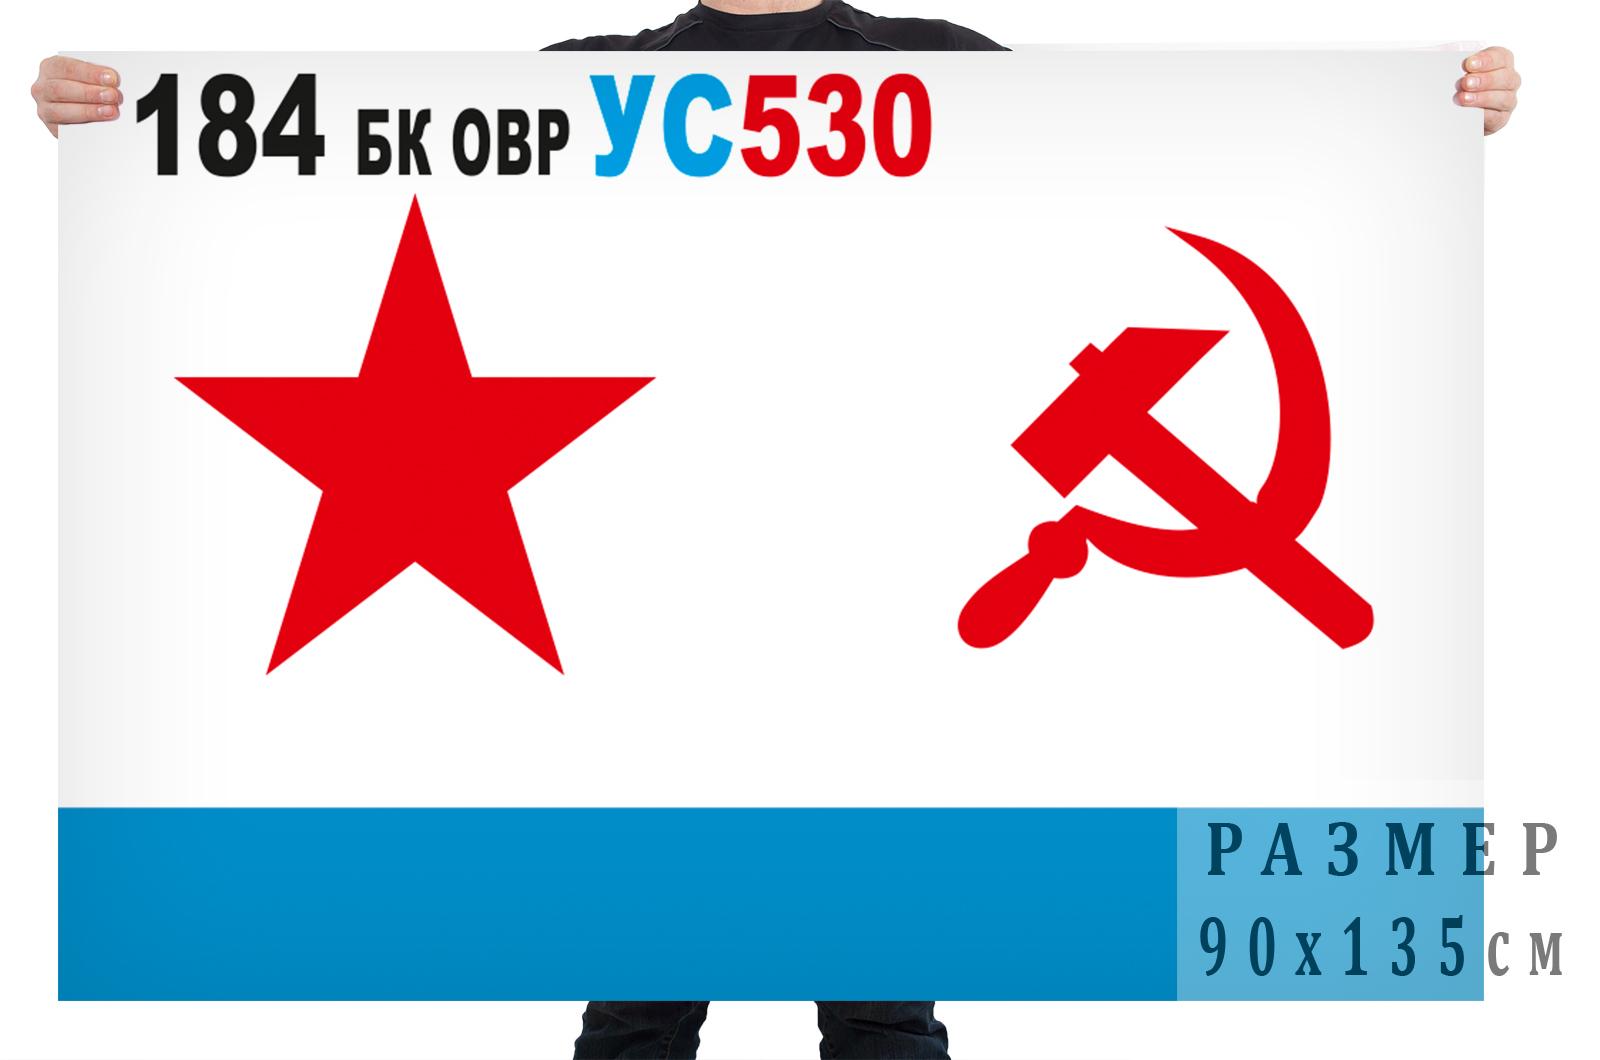 Заказать в интернете флаги ВМФ СССР 184 БК ОВР УС530